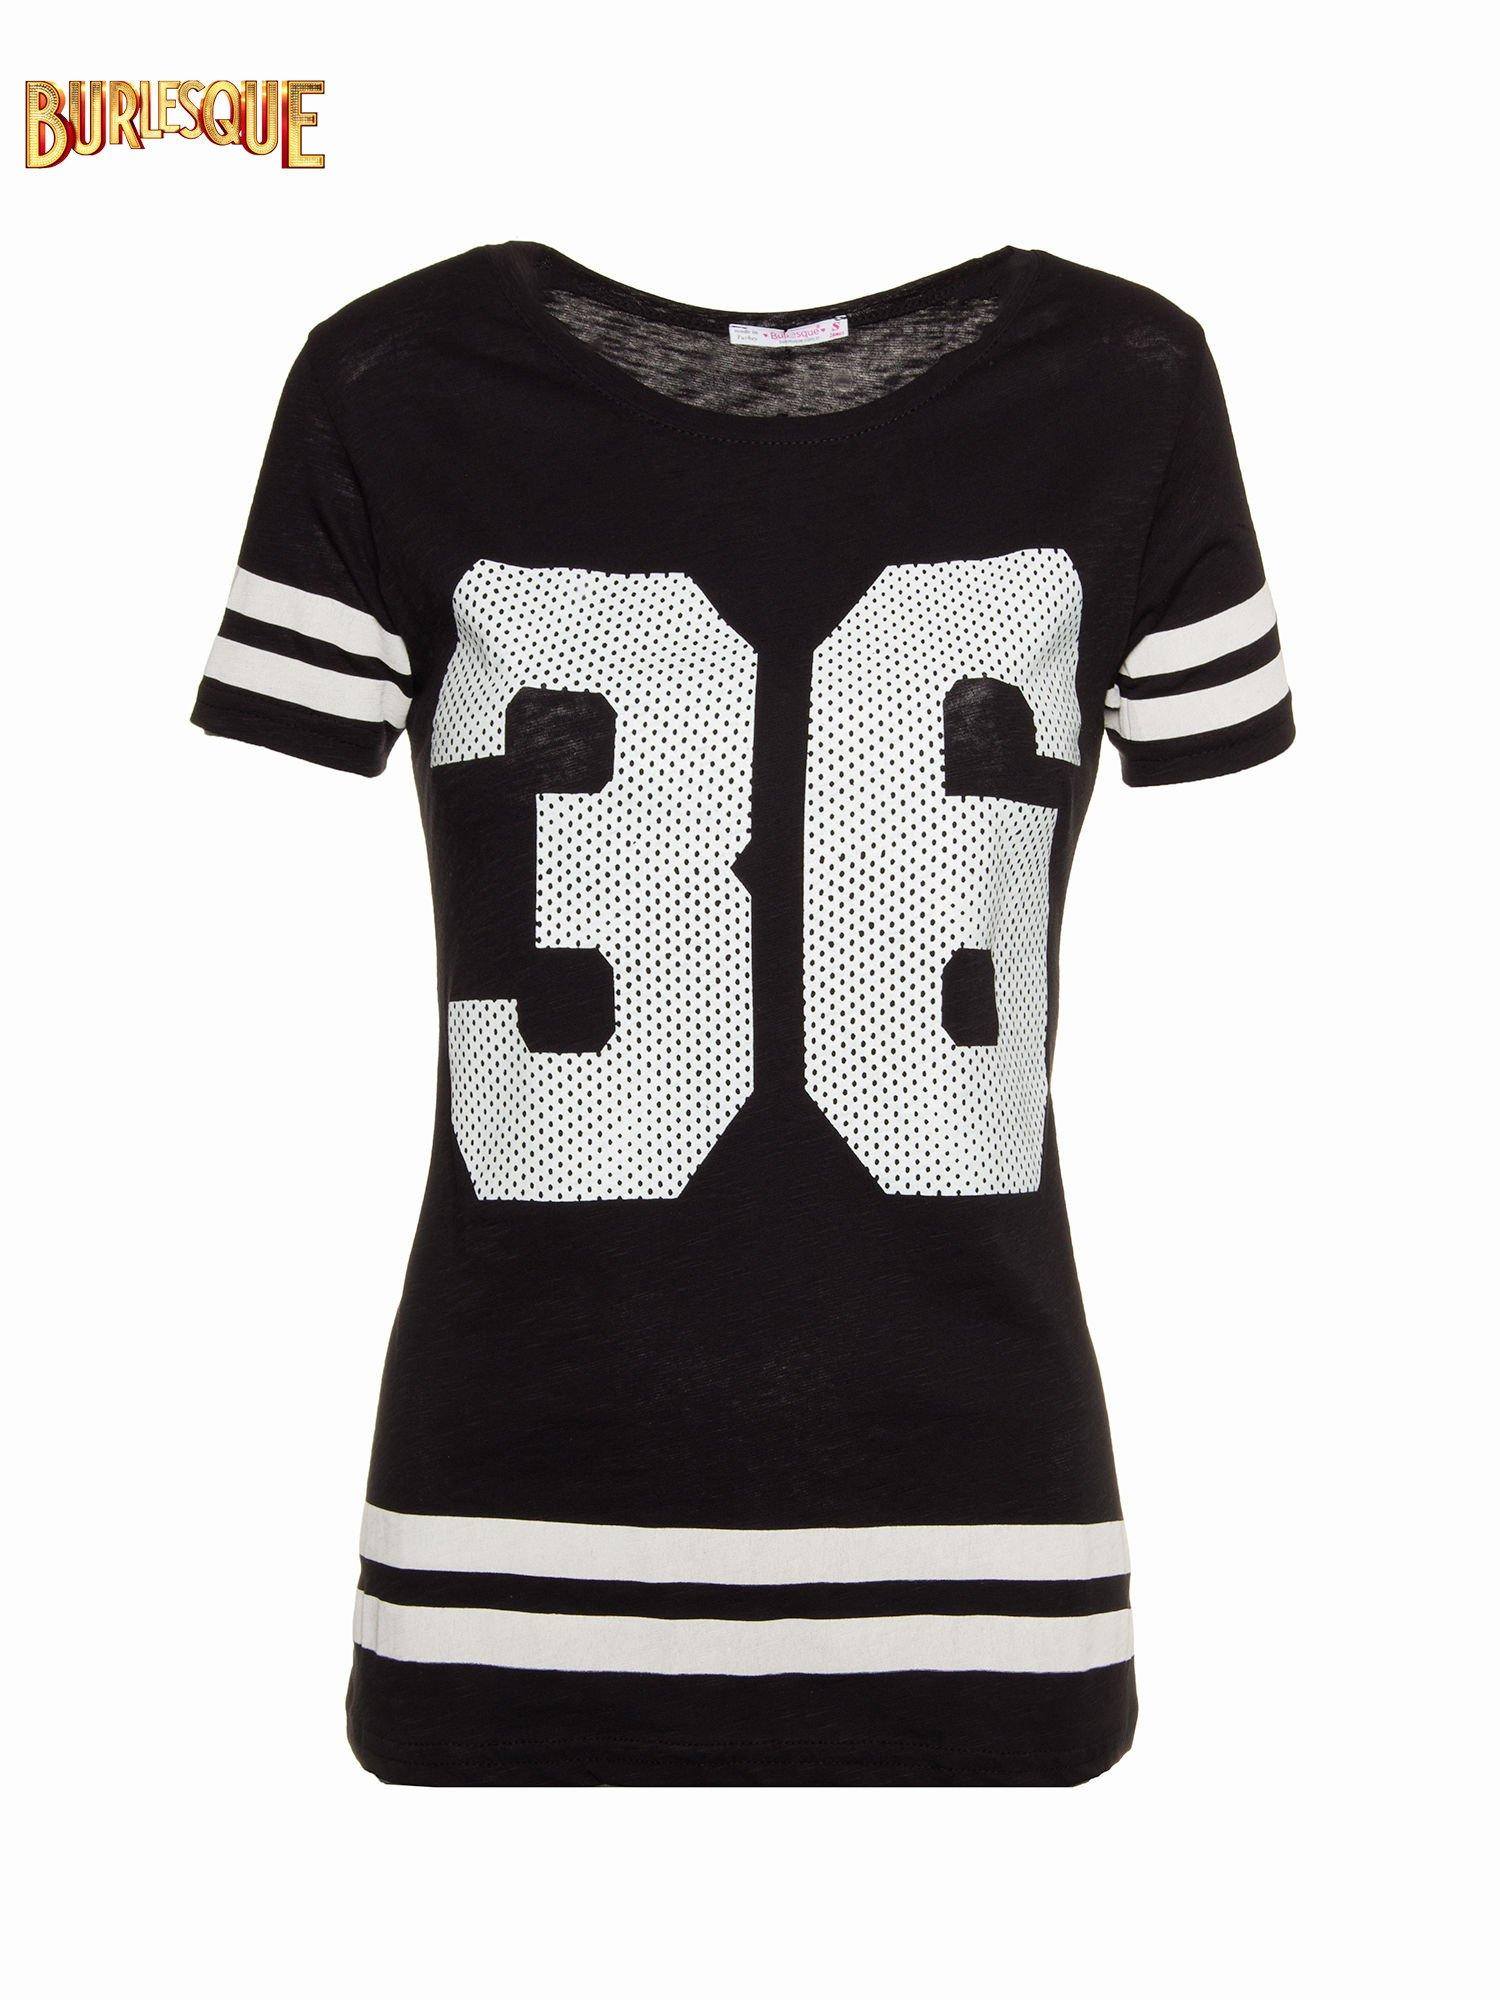 Czarny t-shirt z nadrukiem numerycznym w stylu baseball                                  zdj.                                  1